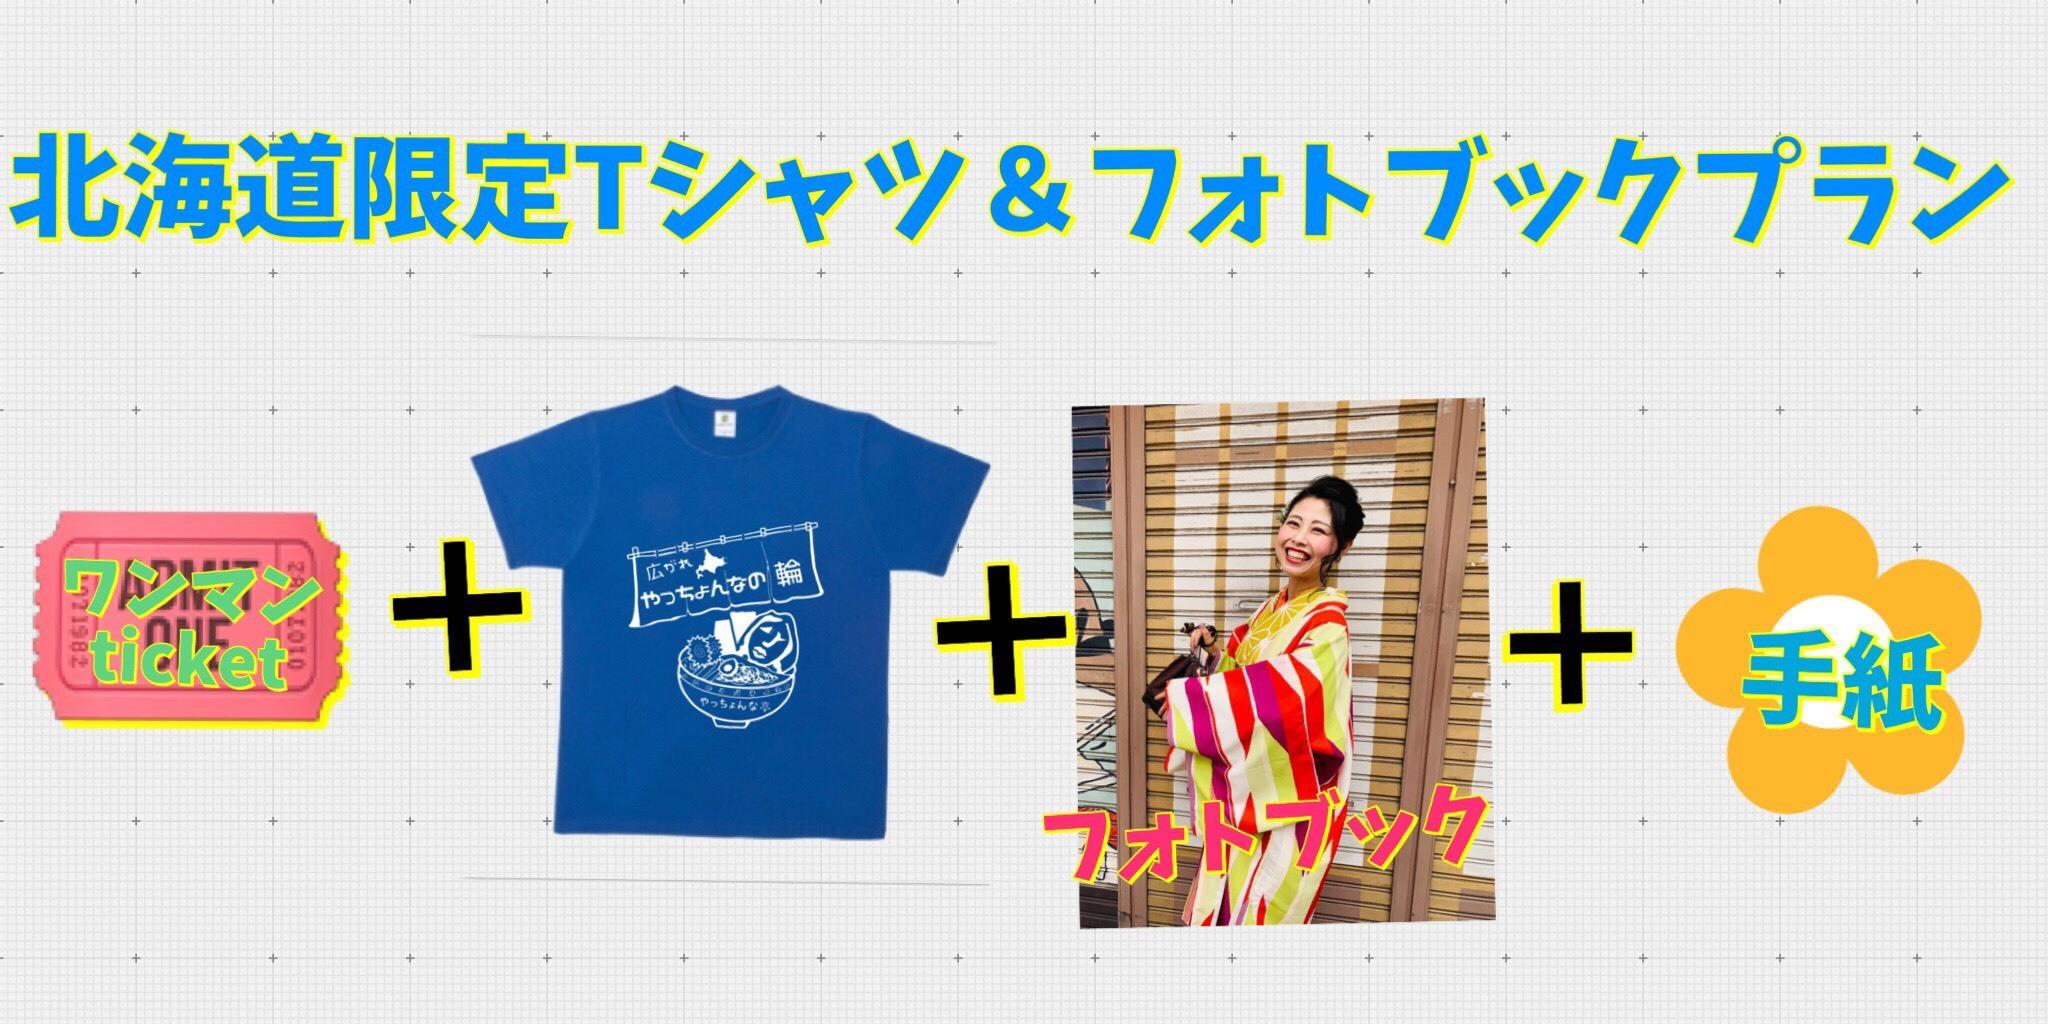 北海道限定Tシャツ&フォトブックプラン